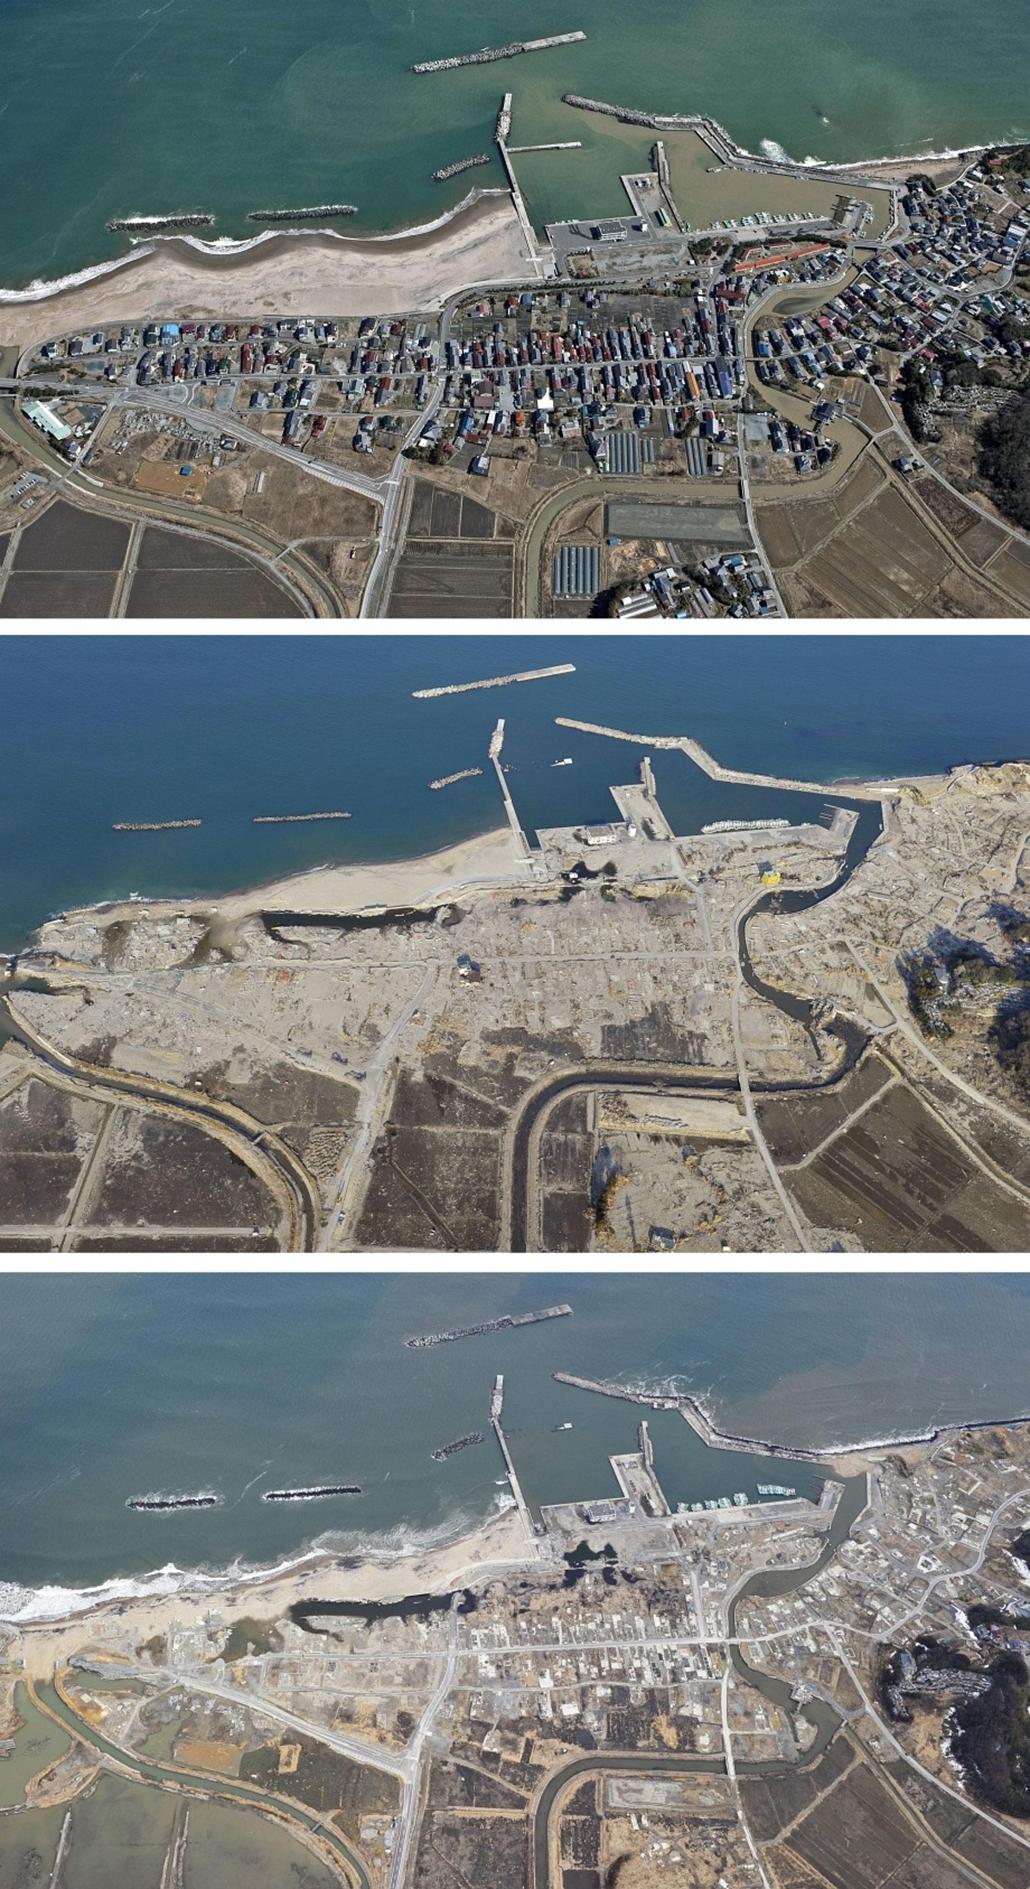 Fukusima évforduló - Nagyítás-fotógaléria